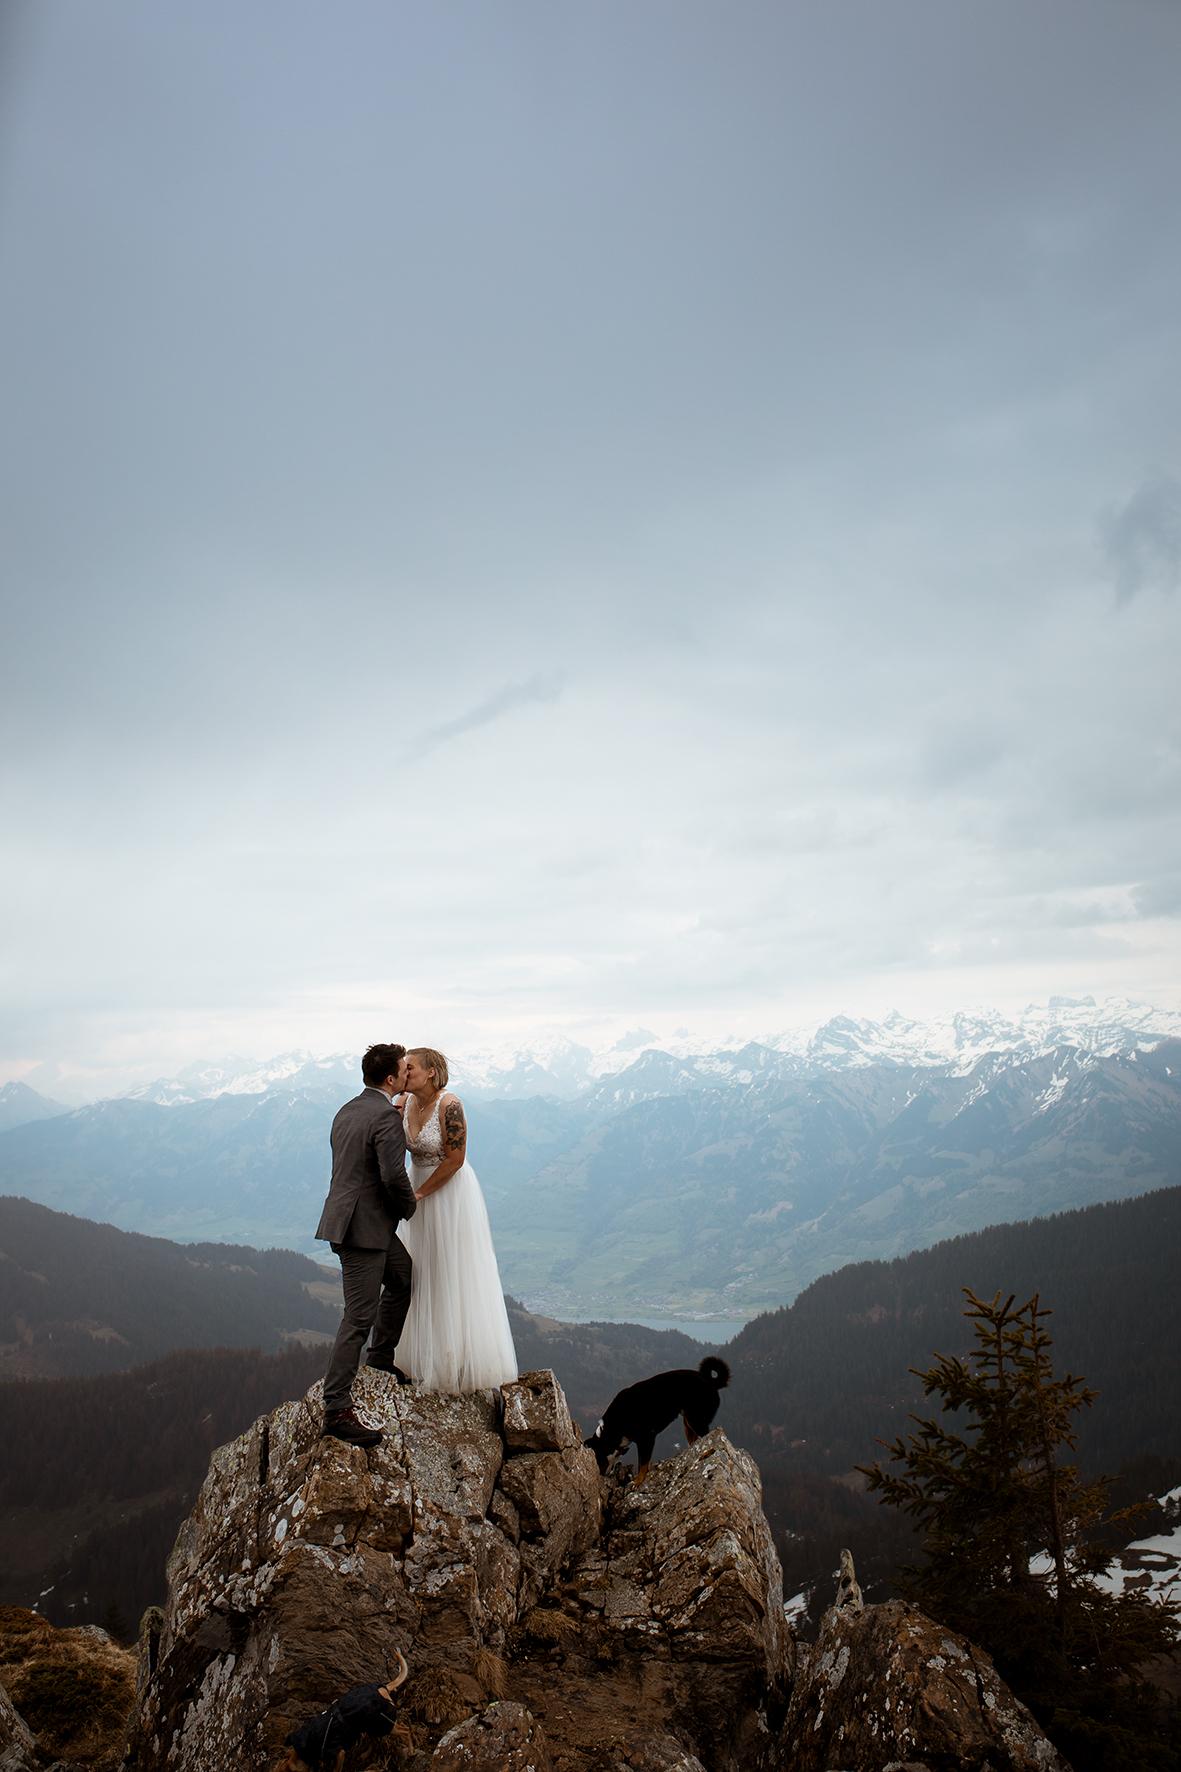 Hochzeit_zu_zweit_Berge_Glaubenberg_23